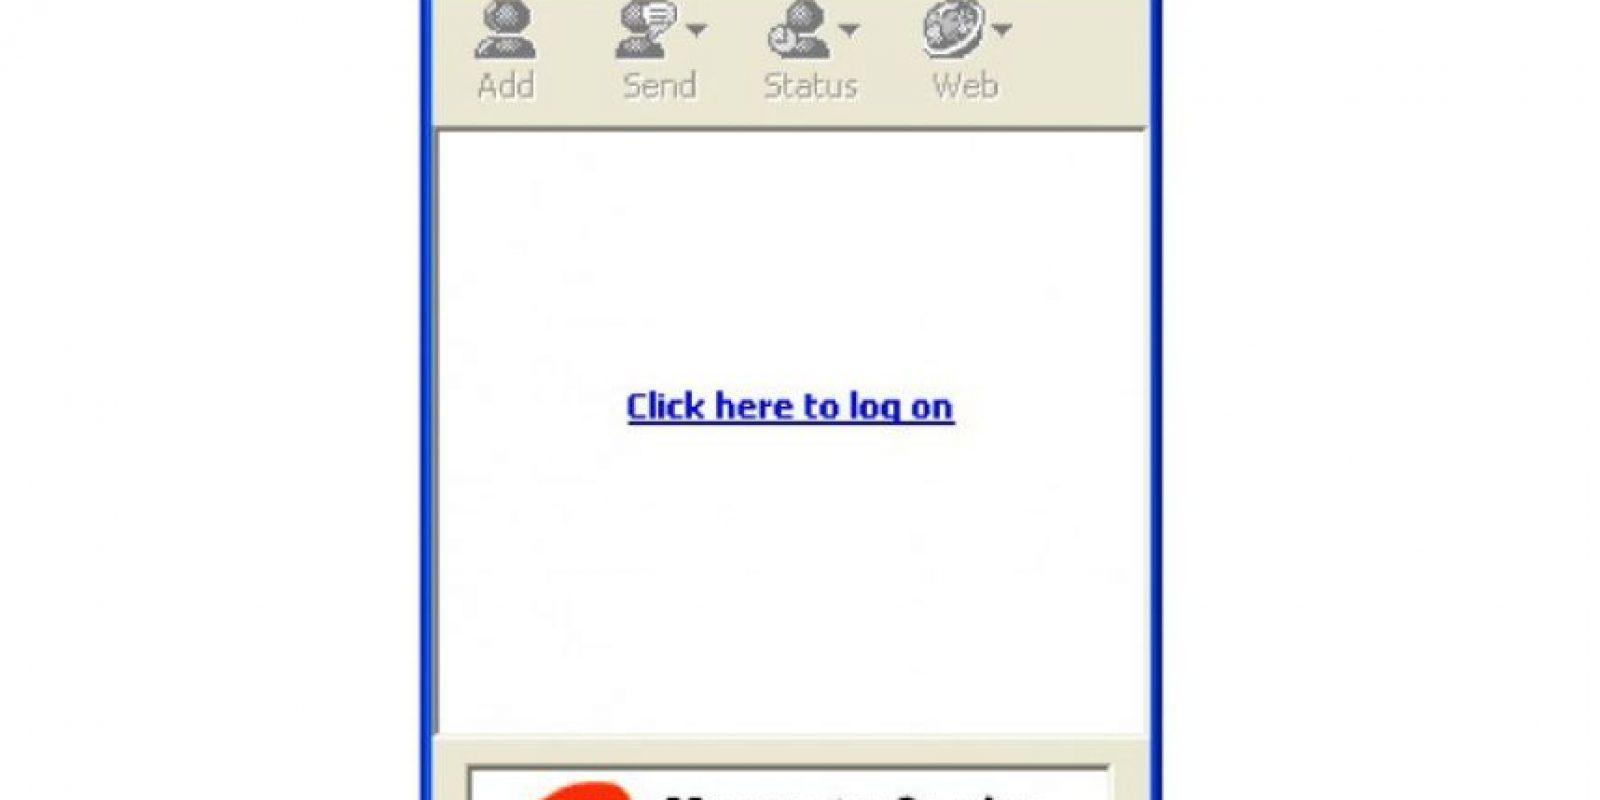 """En 1999 nació MSN Messenger como un chat que permitía agregar contactos de """"Hotmail"""" e interactuar con ellos en tiempo real. Foto:marcelopedra.com.ar"""